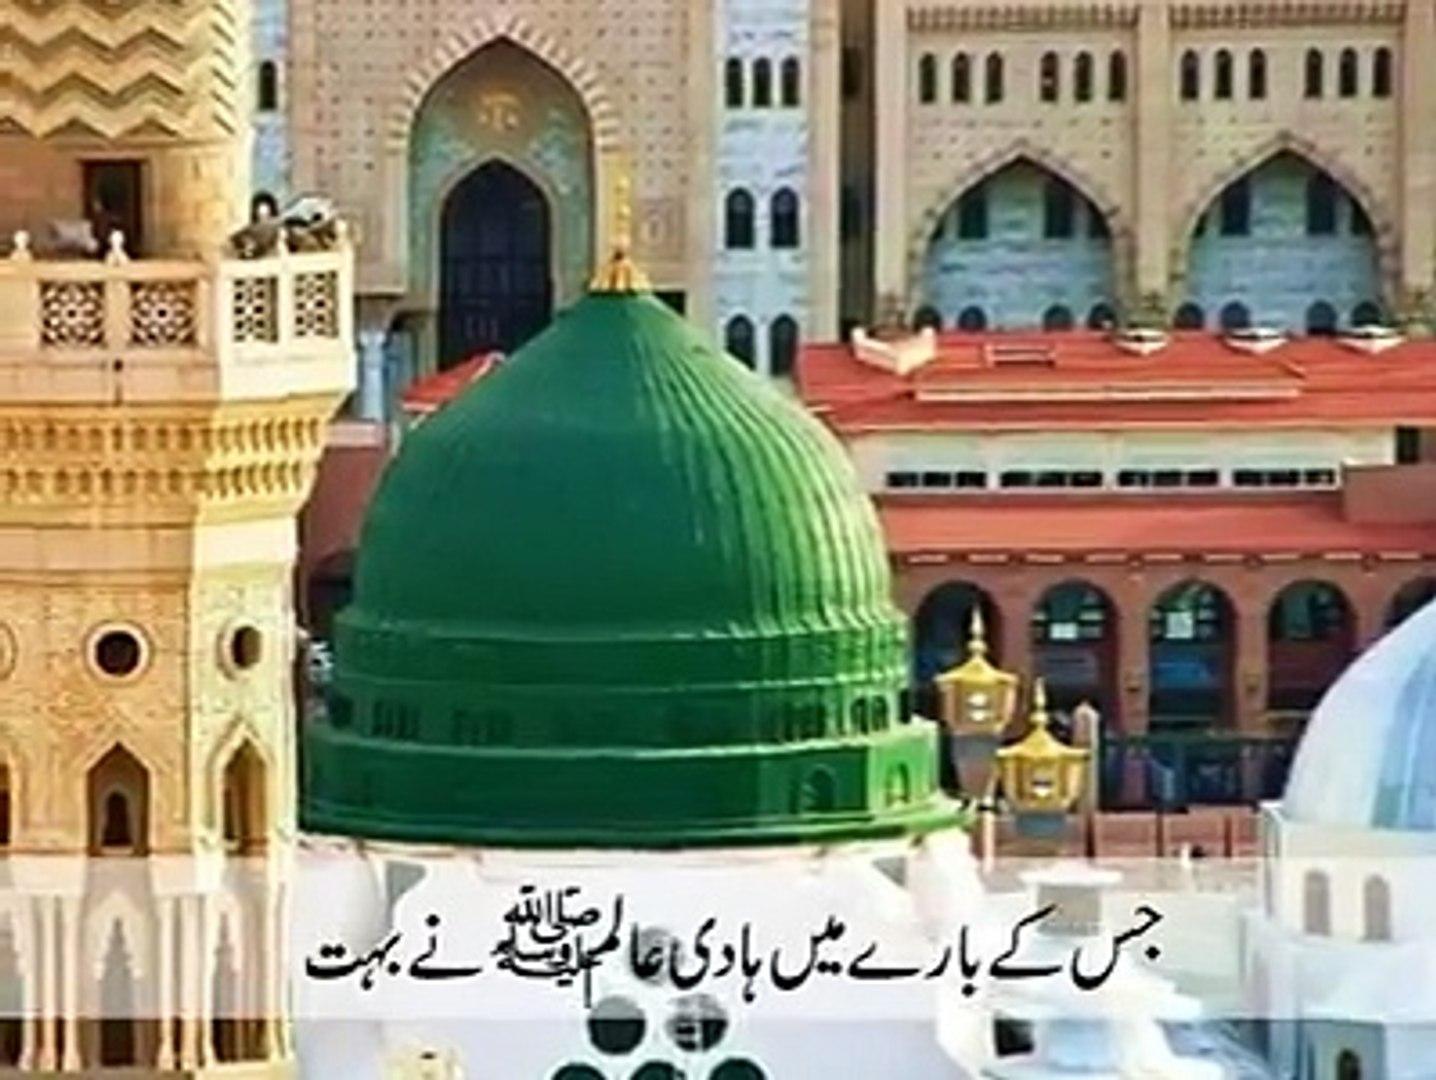 Khawarij kay bare mein Islamic Farmaan sunie. Hazrat Muhammad (SAW) ne Khawarij kay bare mein kia ka